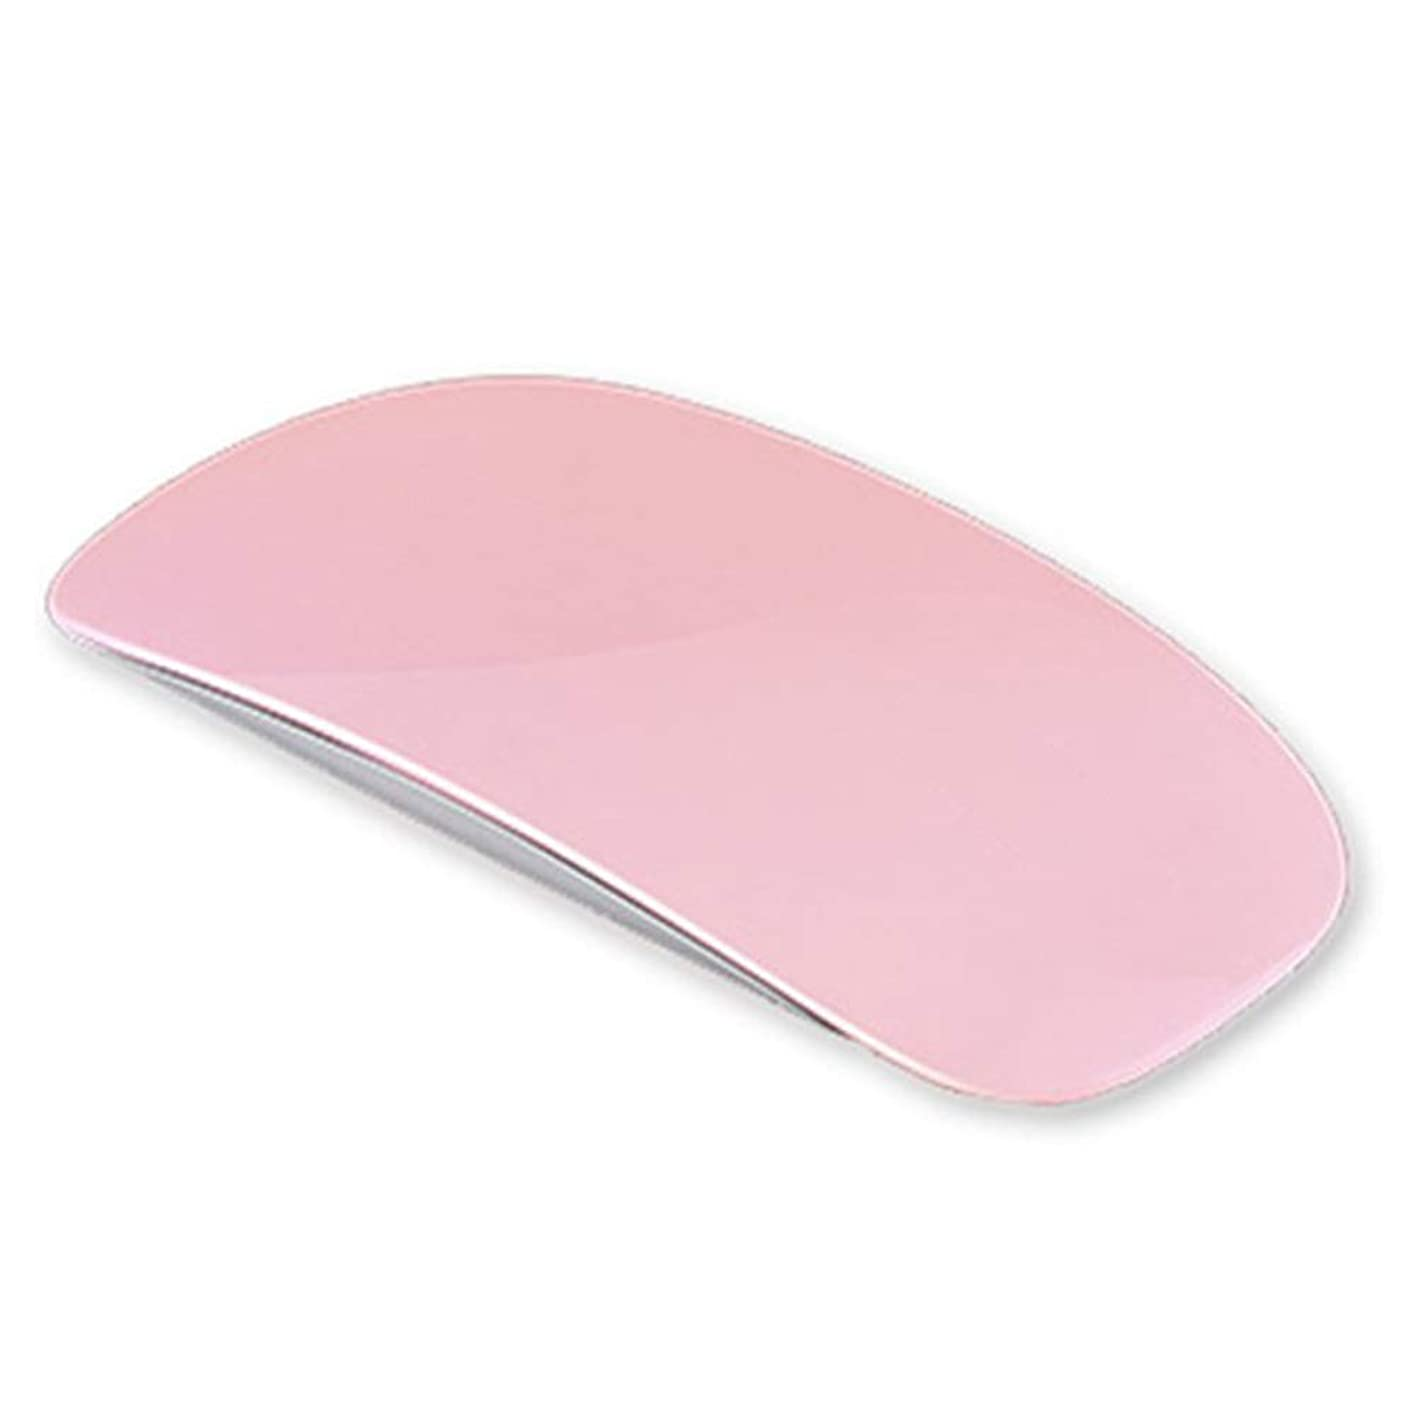 不満したいセッションネイルドライヤー UV/LEDライト硬化用ライトUSB式 マウス形 折りたたみ式 ミニ携帯便利(ピンク)